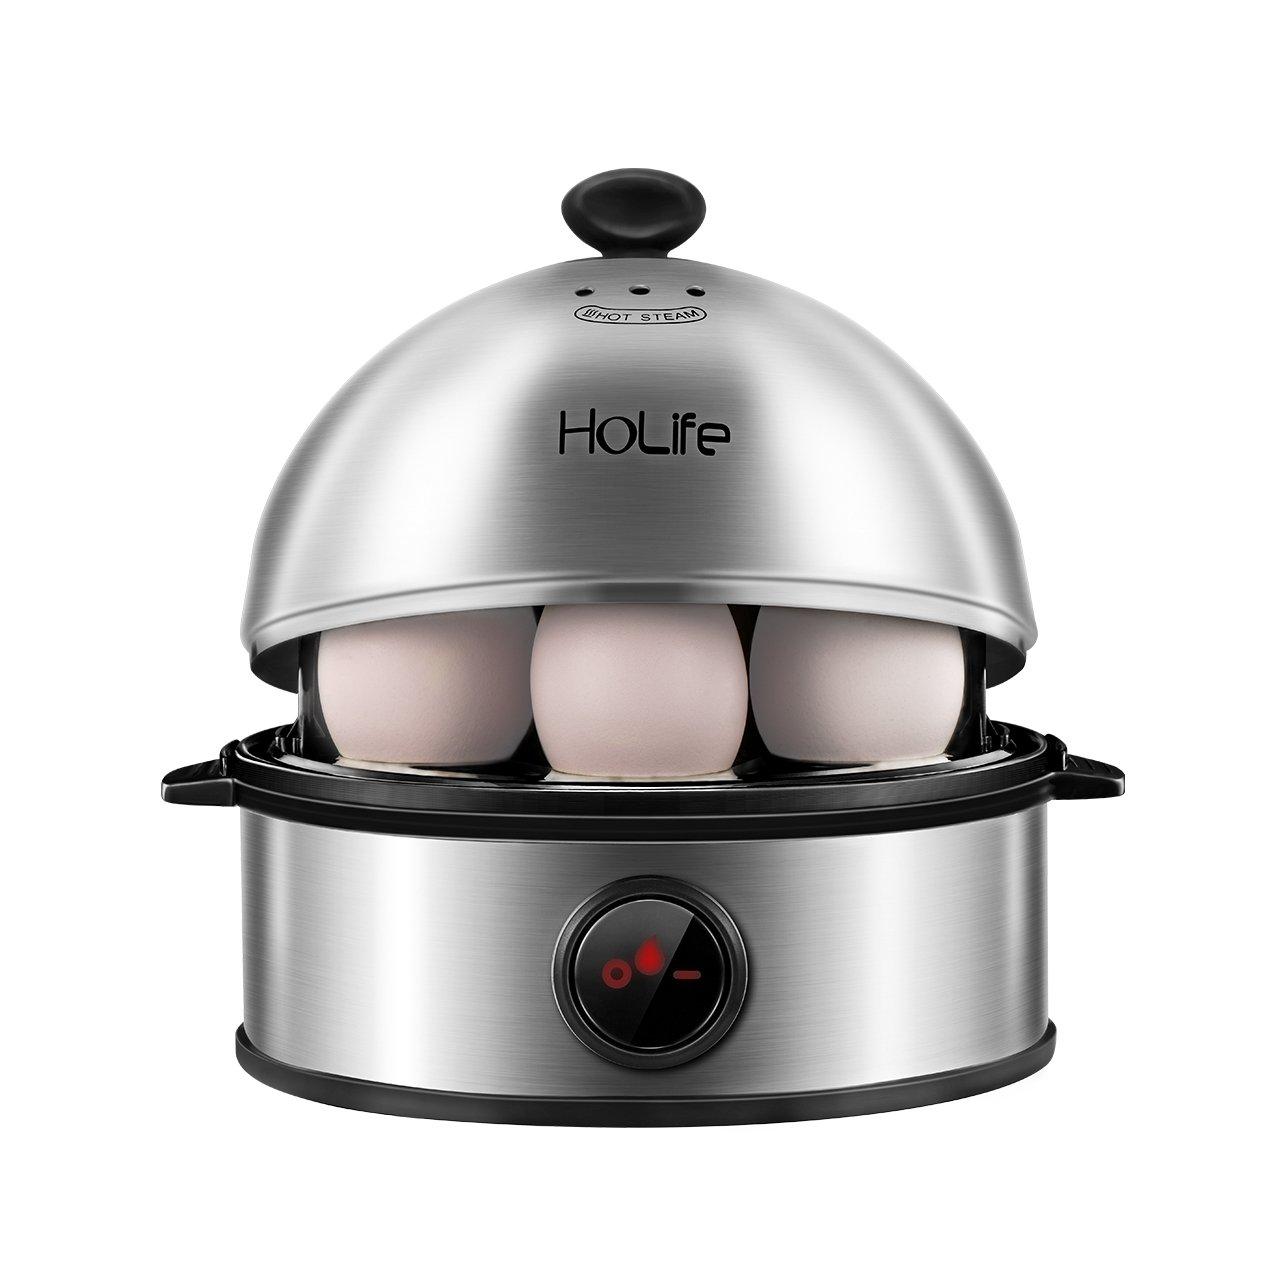 Egg Cooker, HoLife Stainless Steel Egg Boiler Steamer with Auto Shut off, 7 Egg Capacity for Soft, Medium, Hard Boiled Eggs, Omelettes LivSense